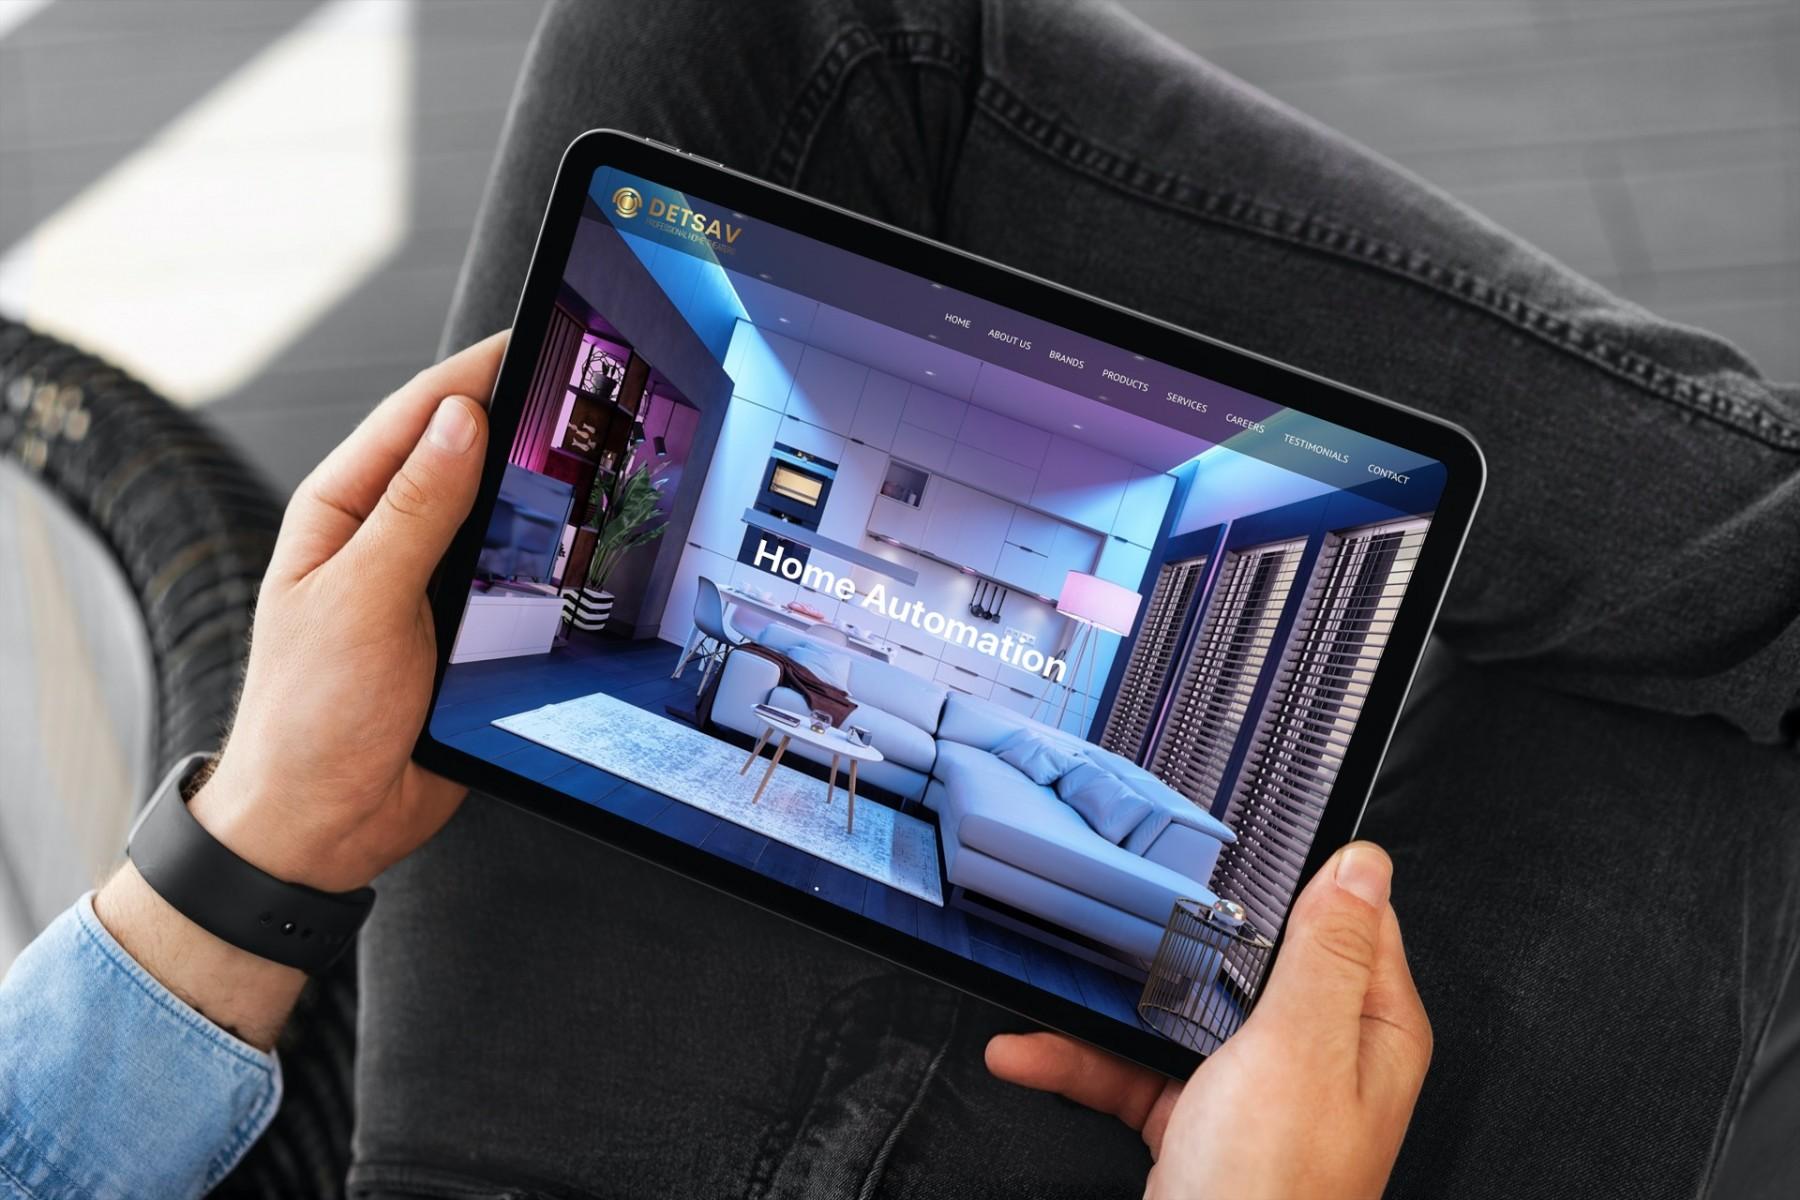 DETSAV Website Design - iPad